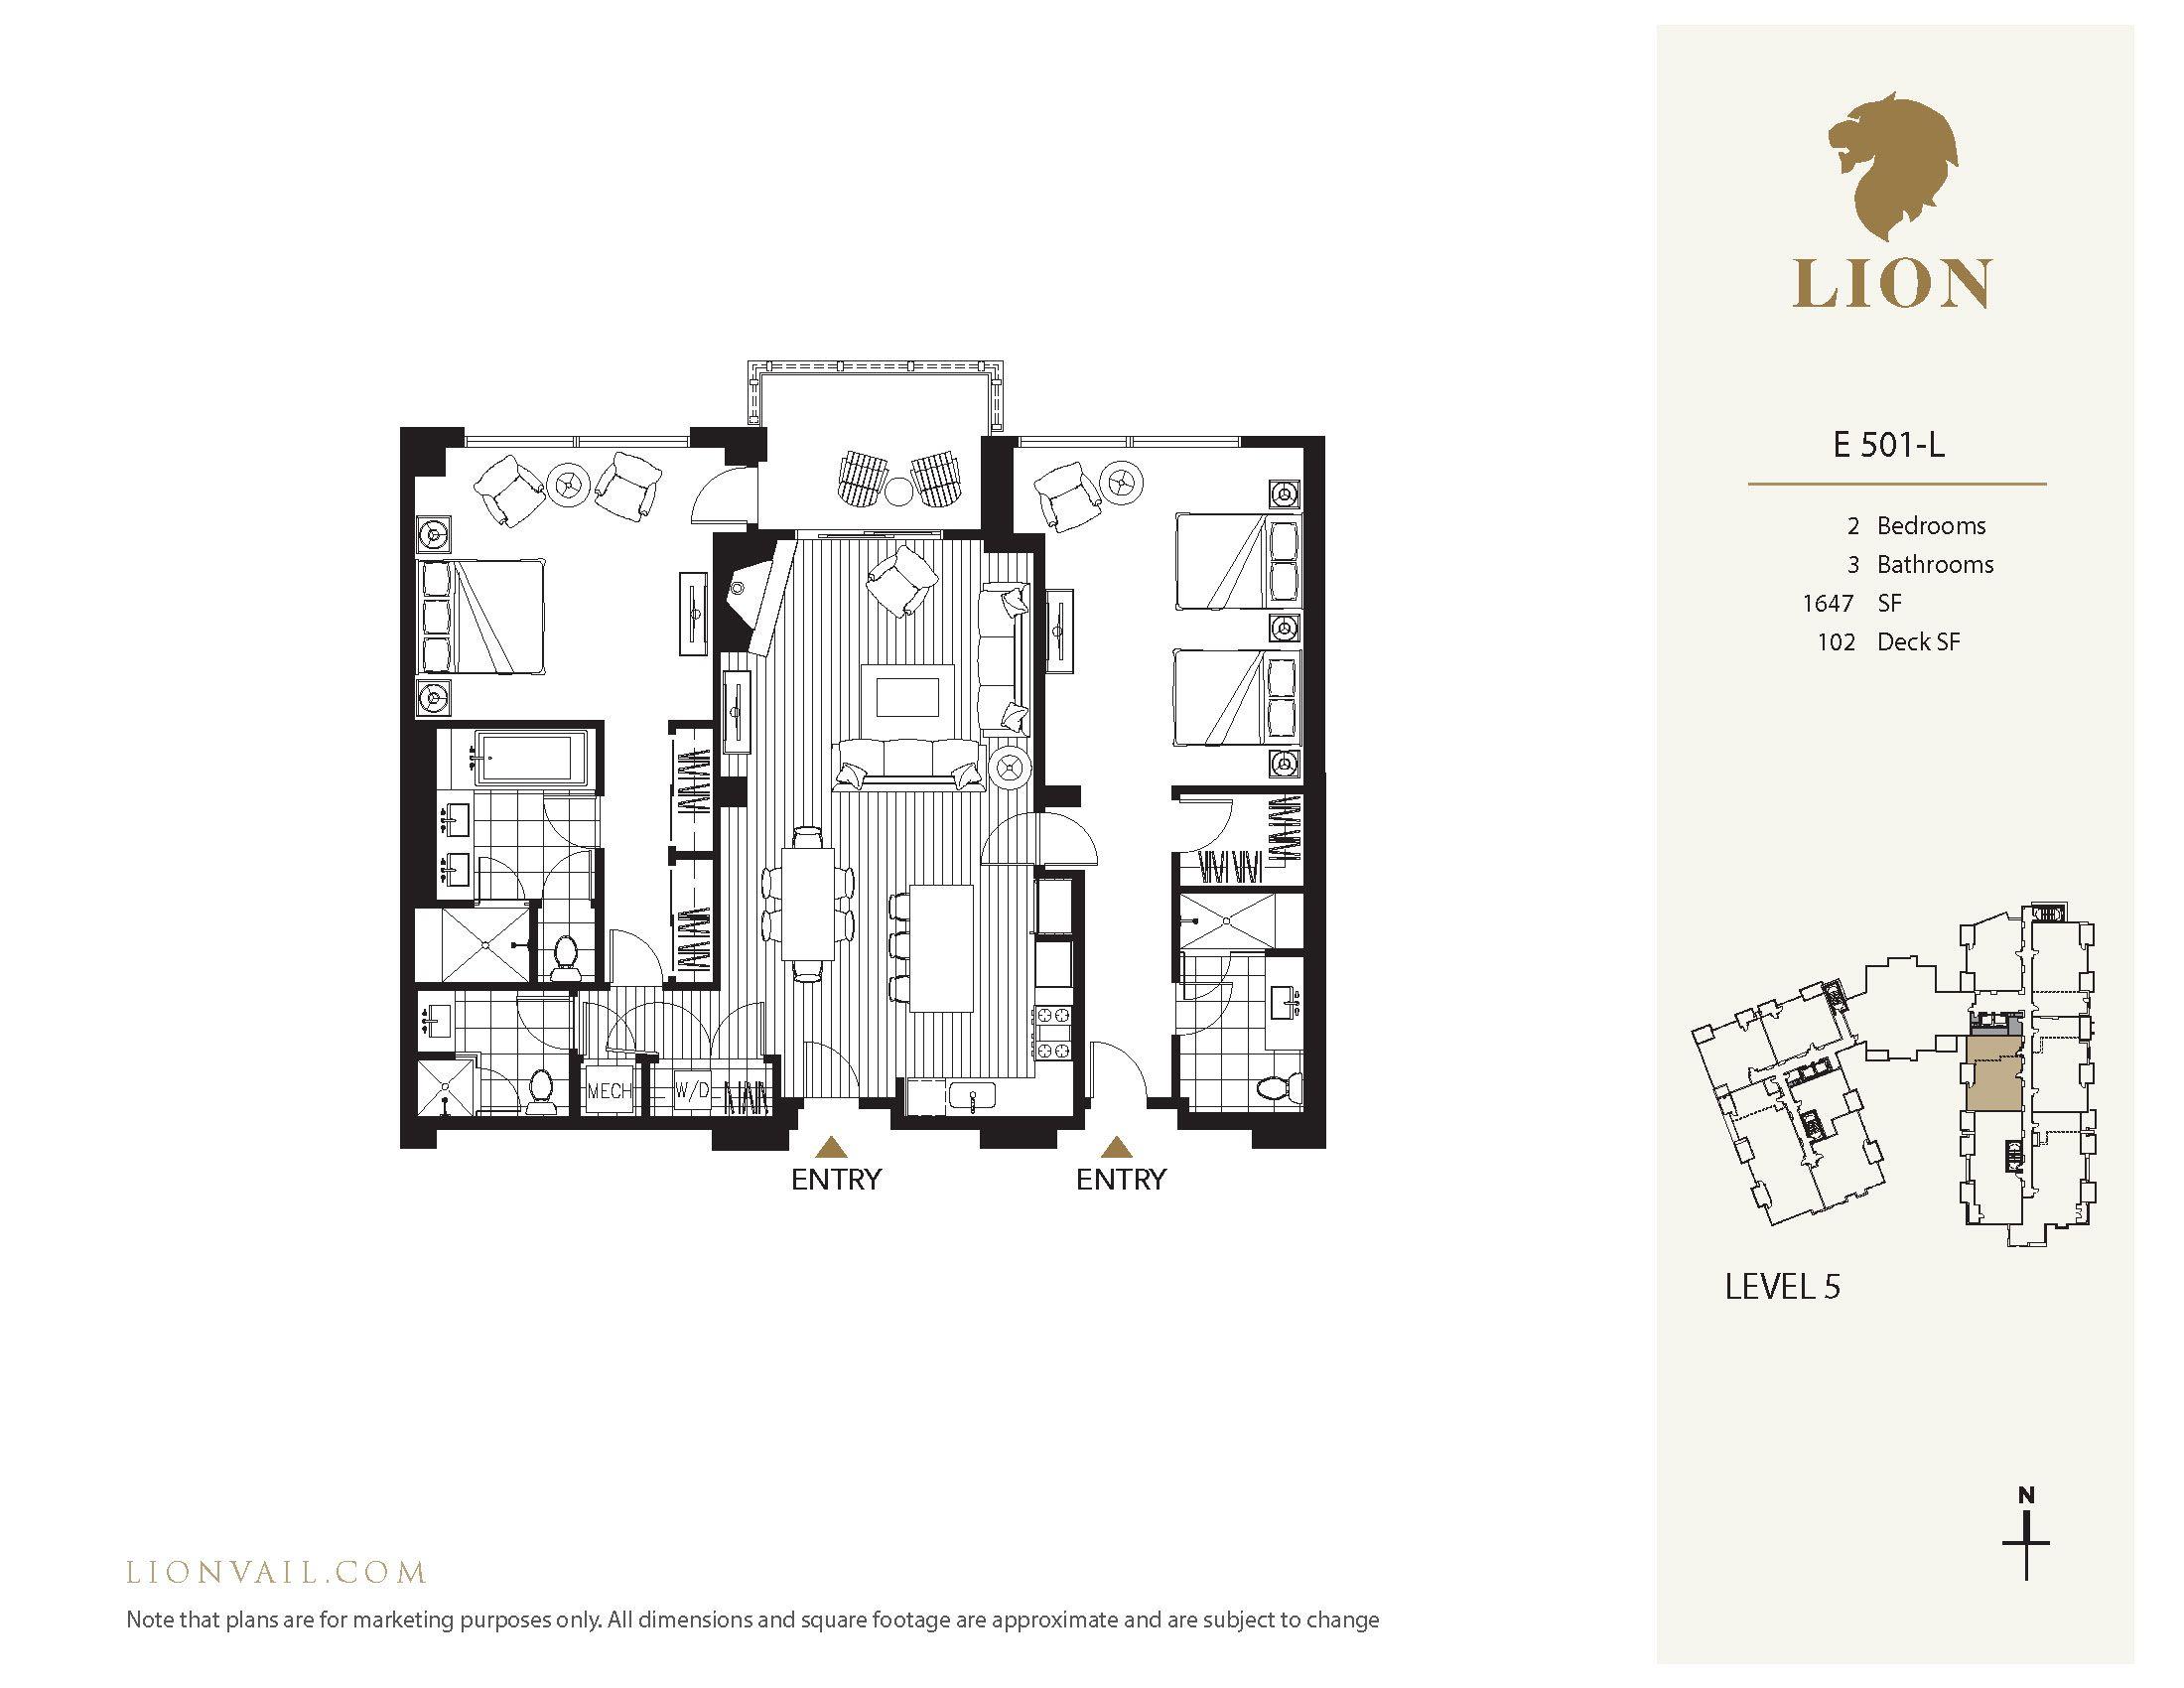 701 West Lionshead Circle - E501 Vail, CO 81657